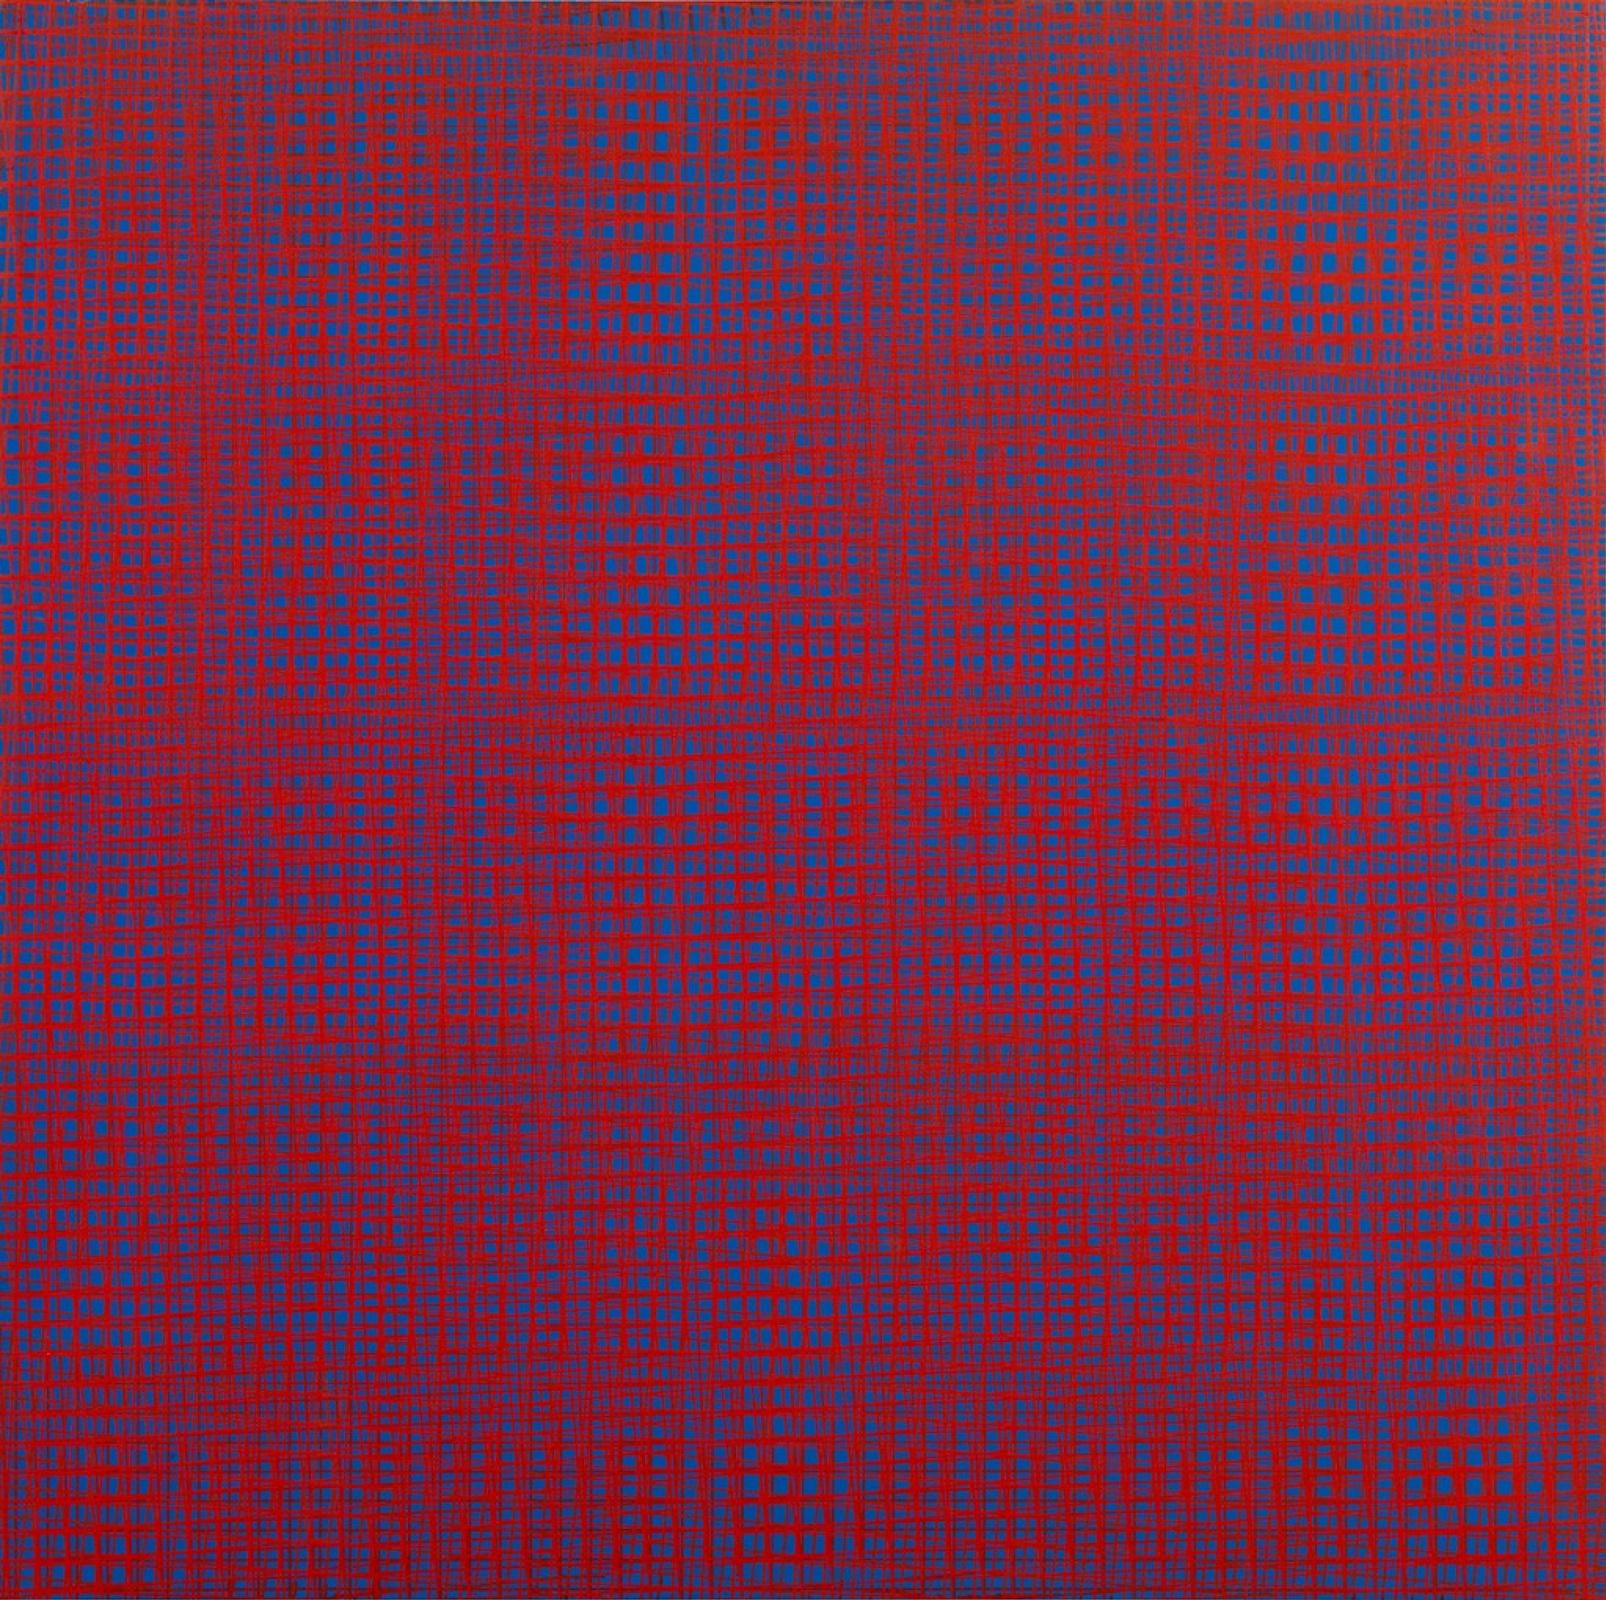 Франсуа Морелле. 5 кадров 85°, 87°5, 90°, 92°5, 95°